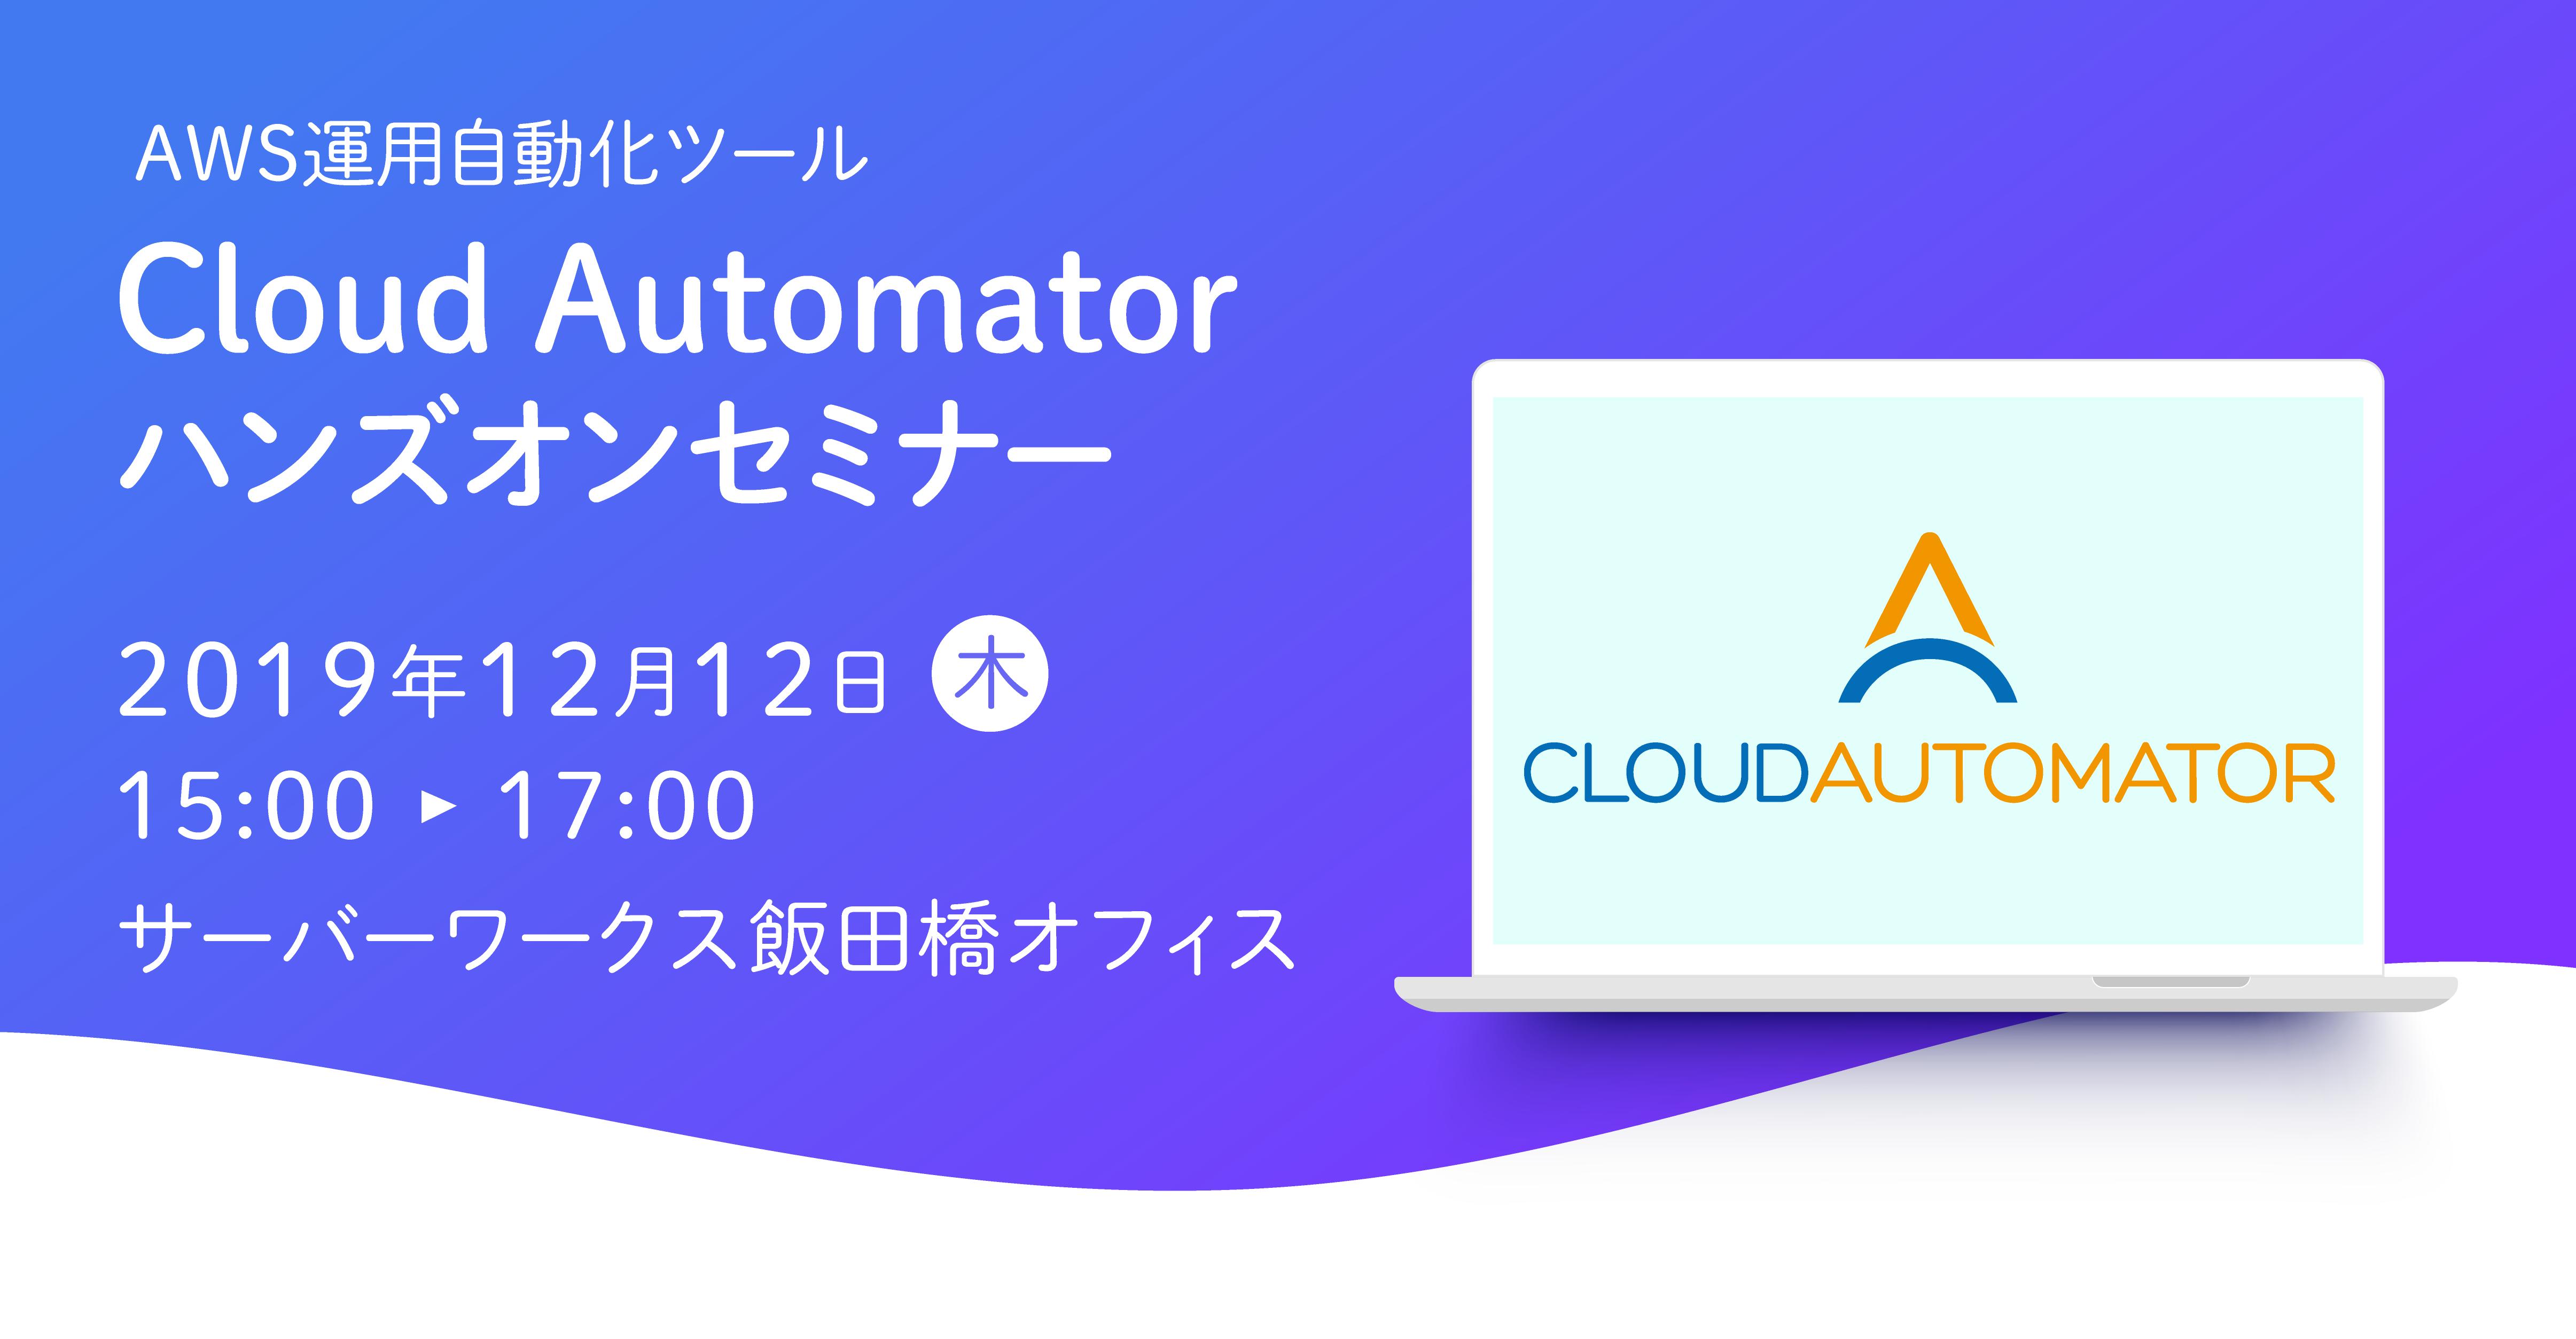 【12月12日東京開催】AWS運用自動化ツール「Cloud Automator」のハンズオンセミナーを開催します